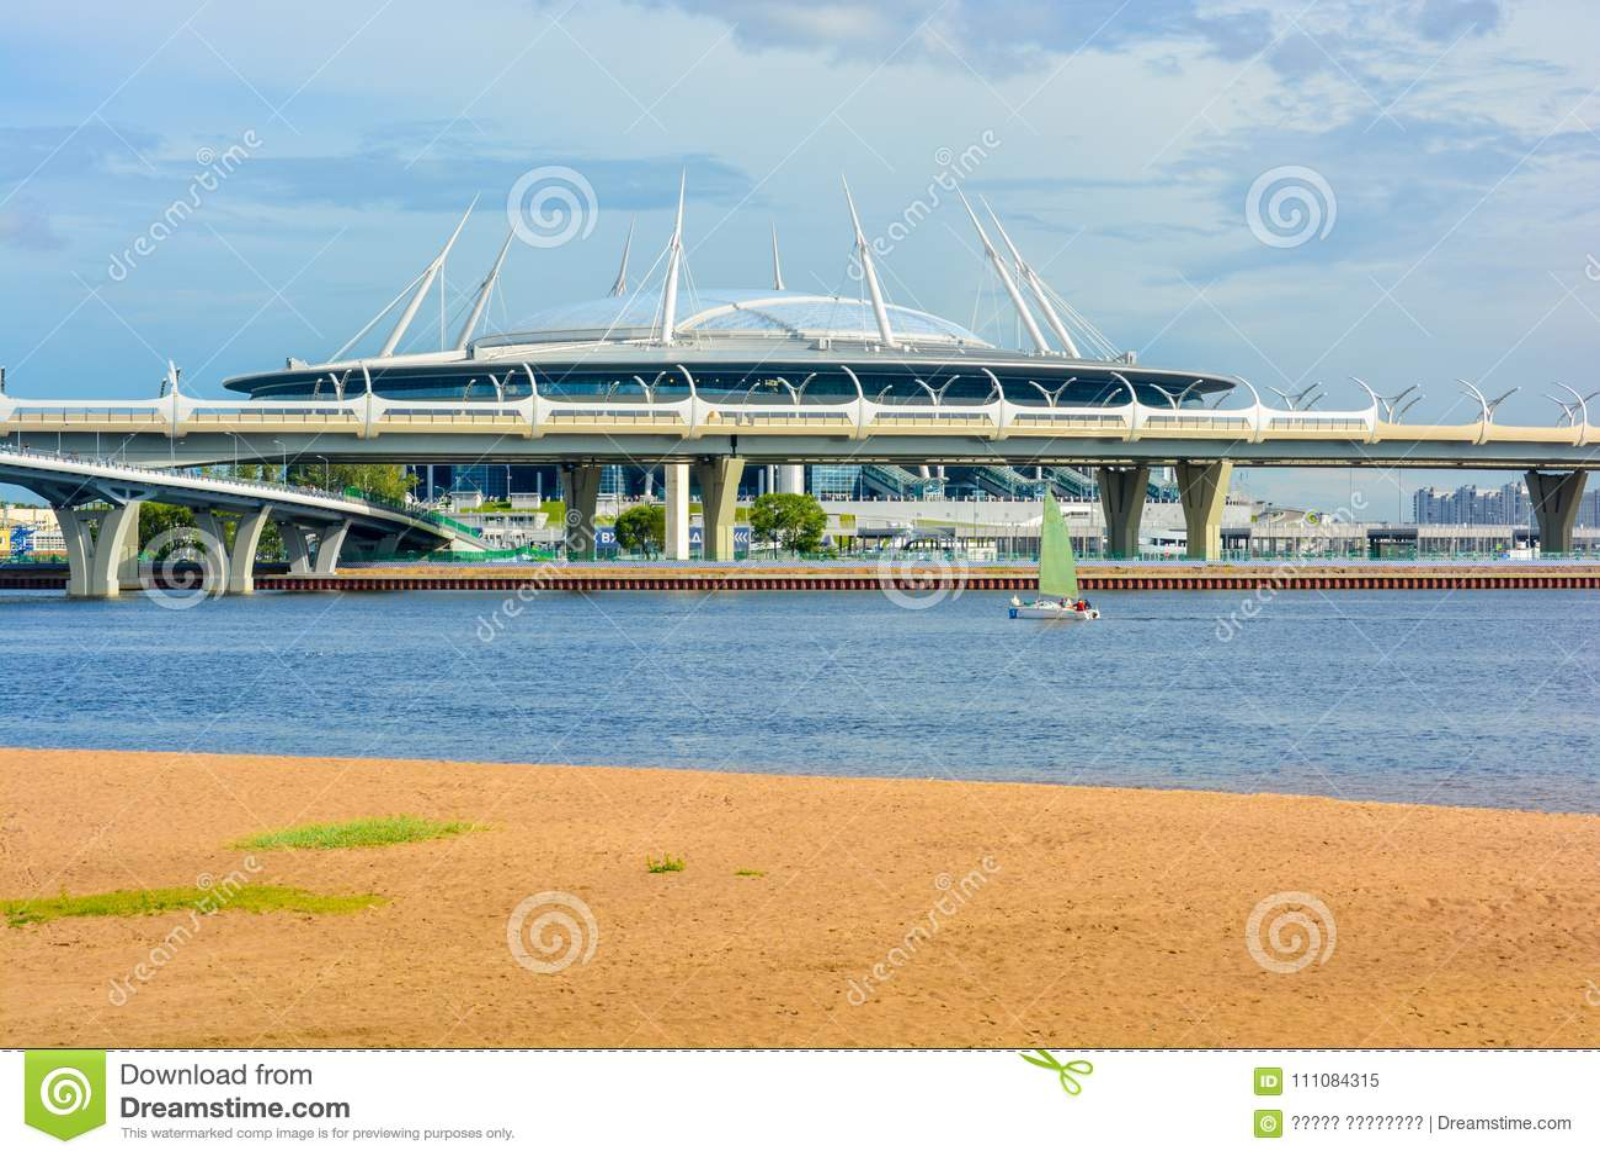 Γήπεδο ποδοσφαίρου αποκορυφώματος σταδίων Αγίου Πετρούπολη στο νησί Krestovsky πίσω από τη γέφυρα και τον κόλπο